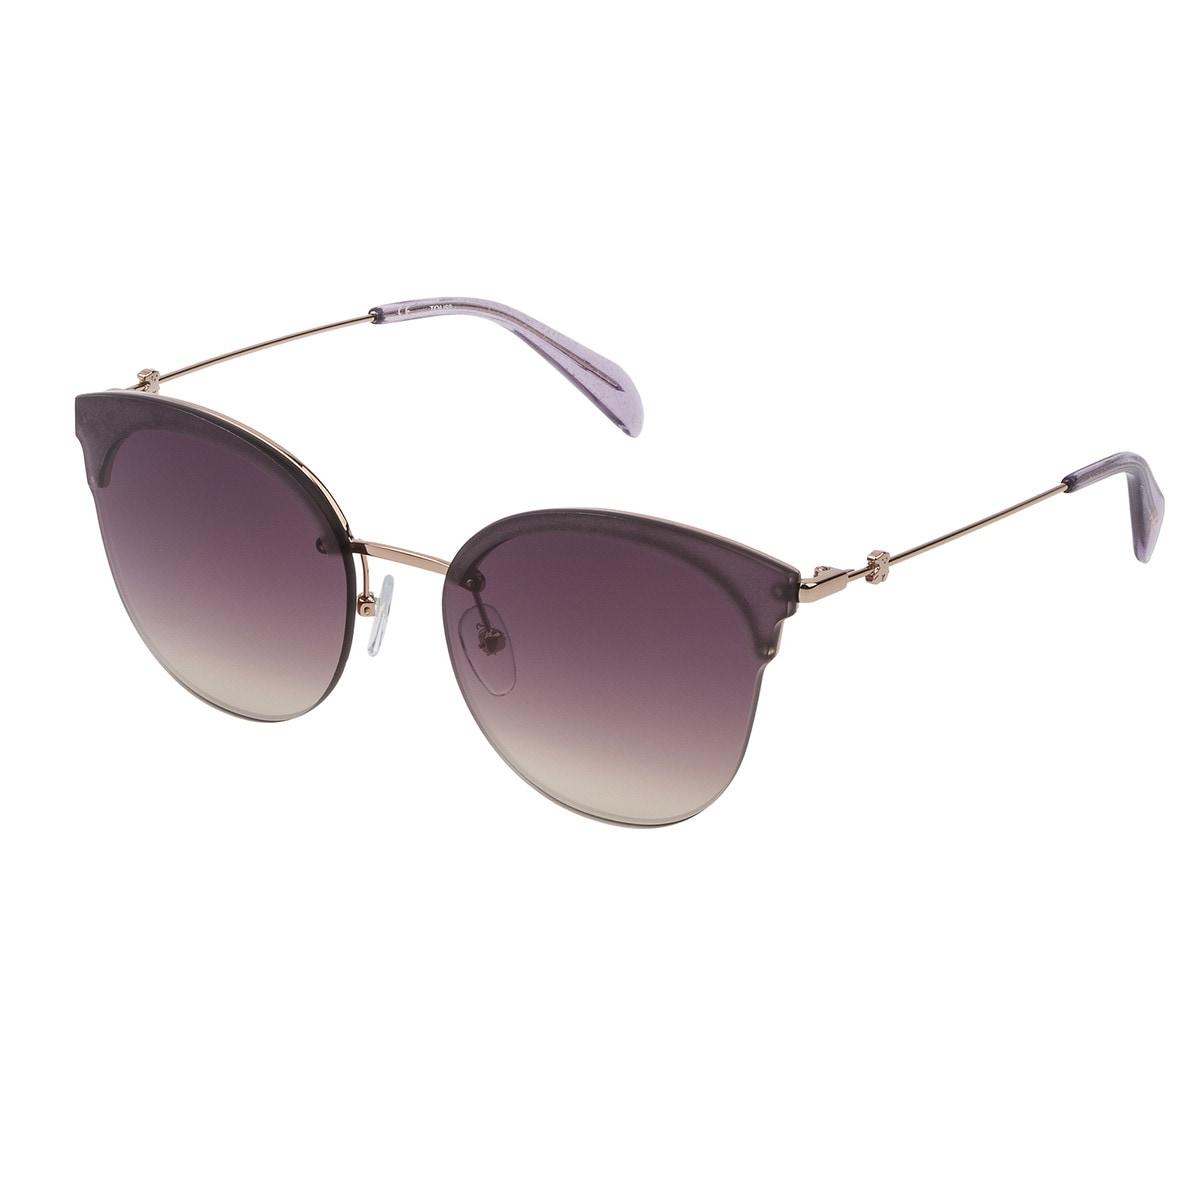 Bronzefarbene Sonnenbrille Metal Matte aus Metall